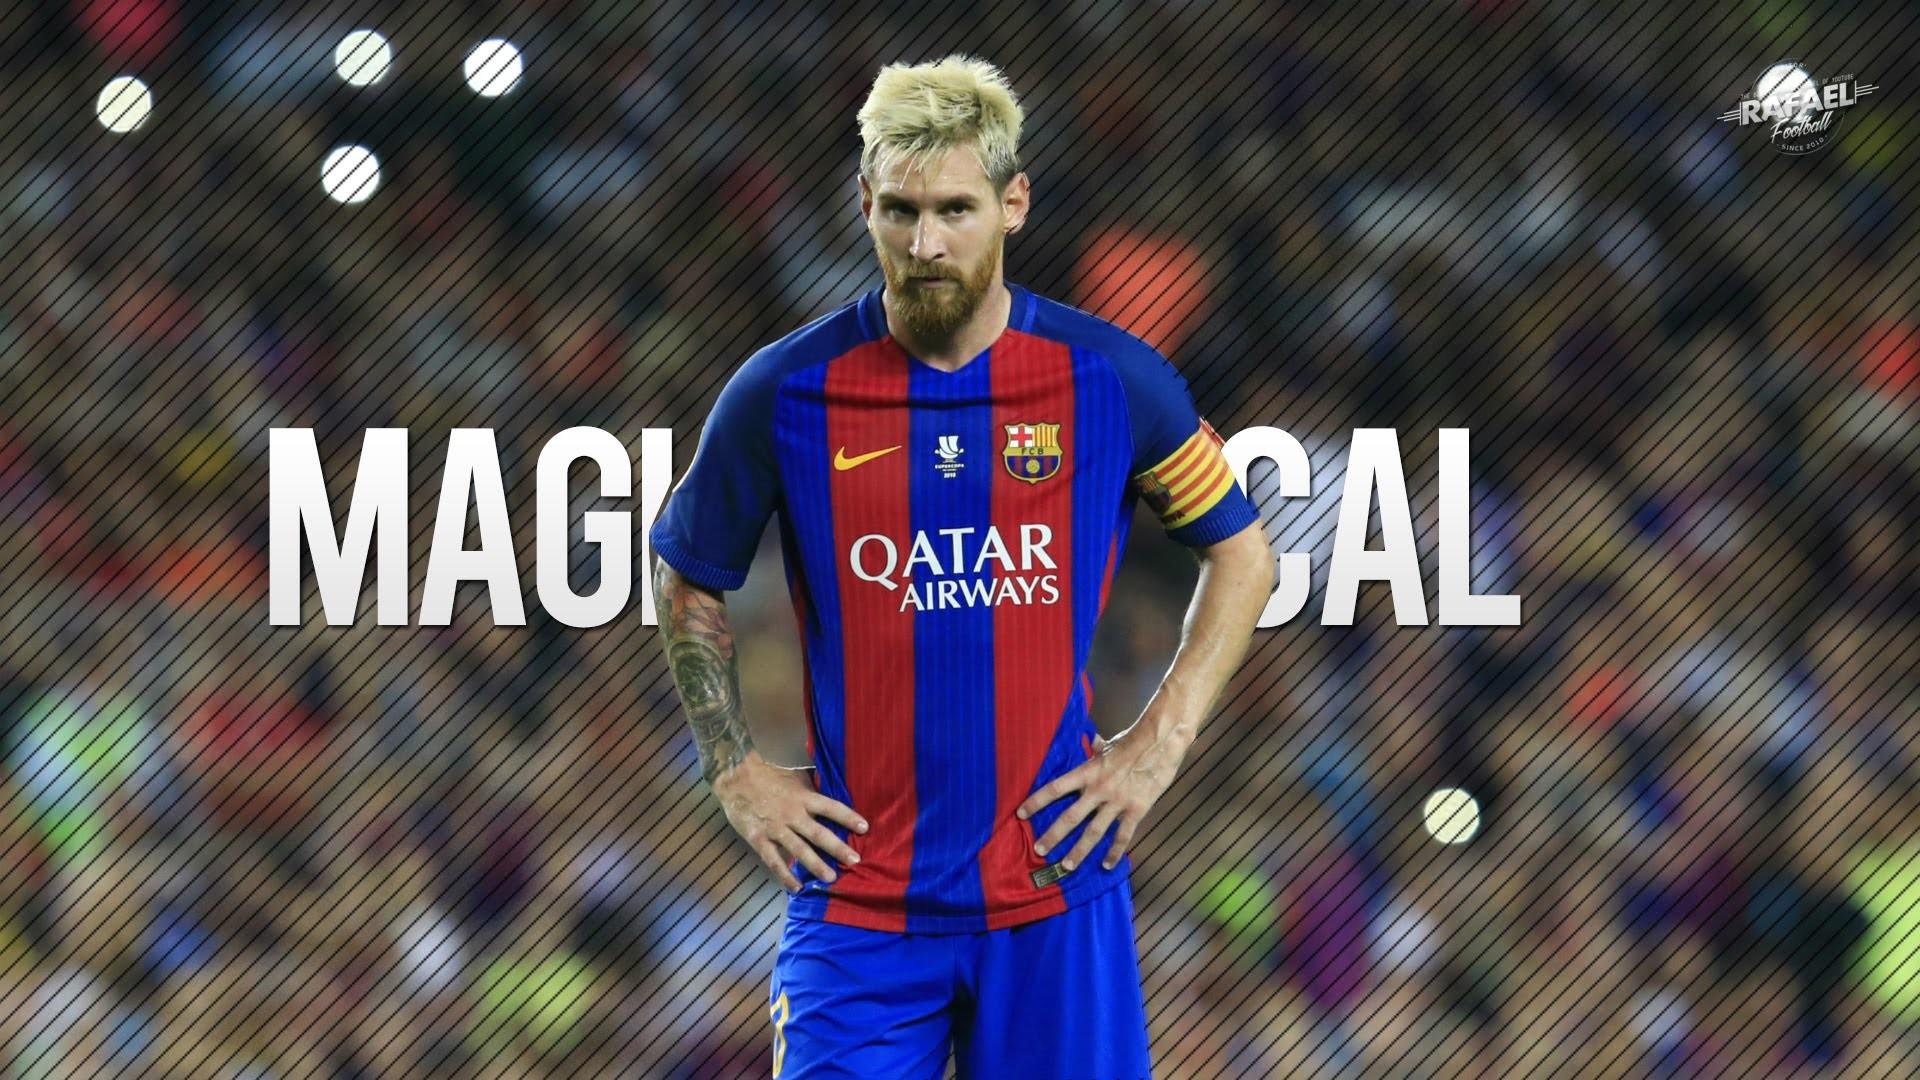 Lionel Messi Wallpaper 2017 ·① WallpaperTag